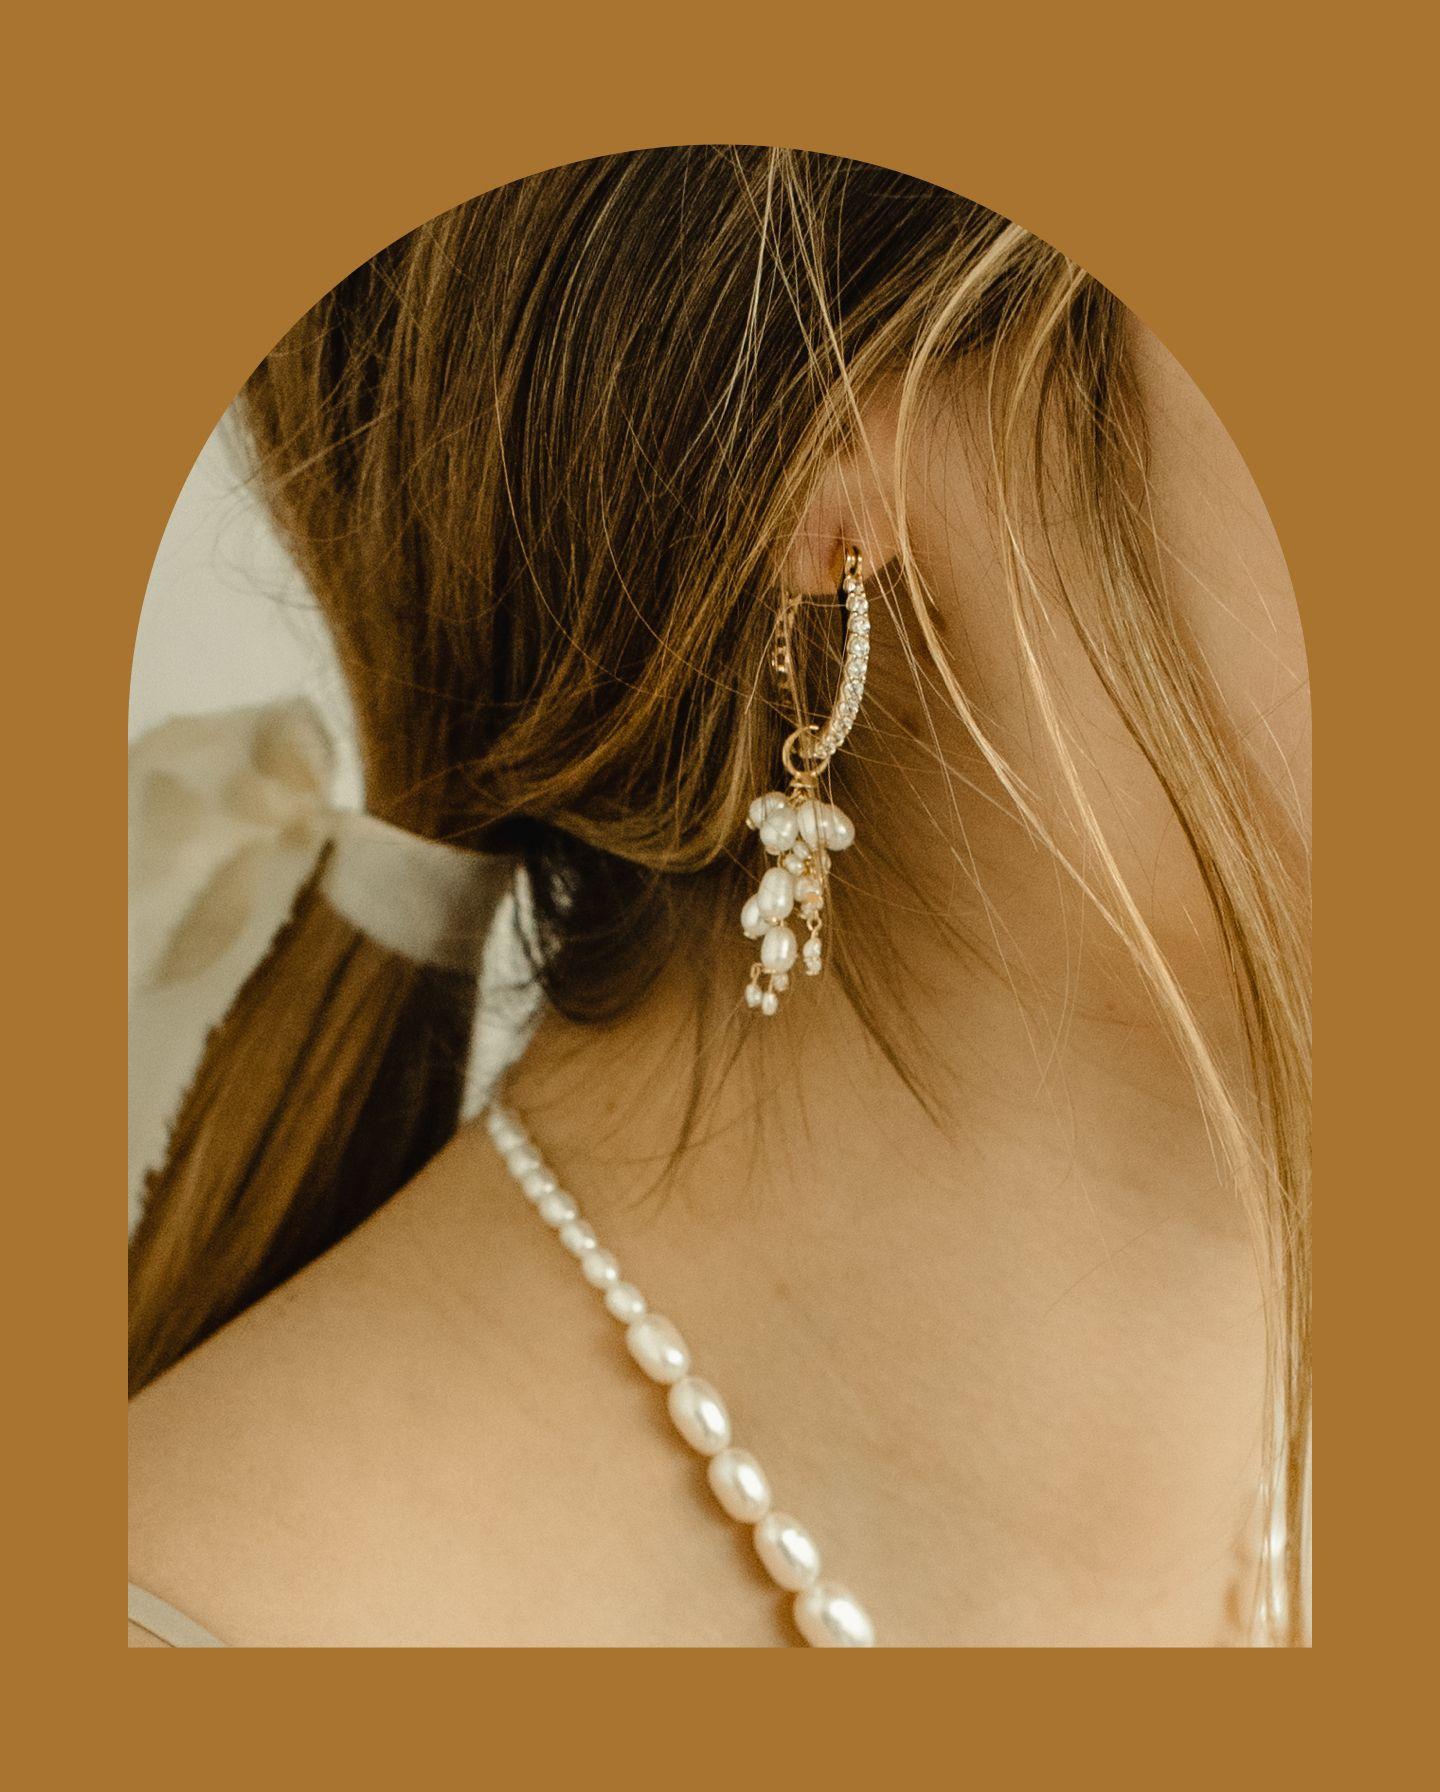 Philippa Earrings in Arch